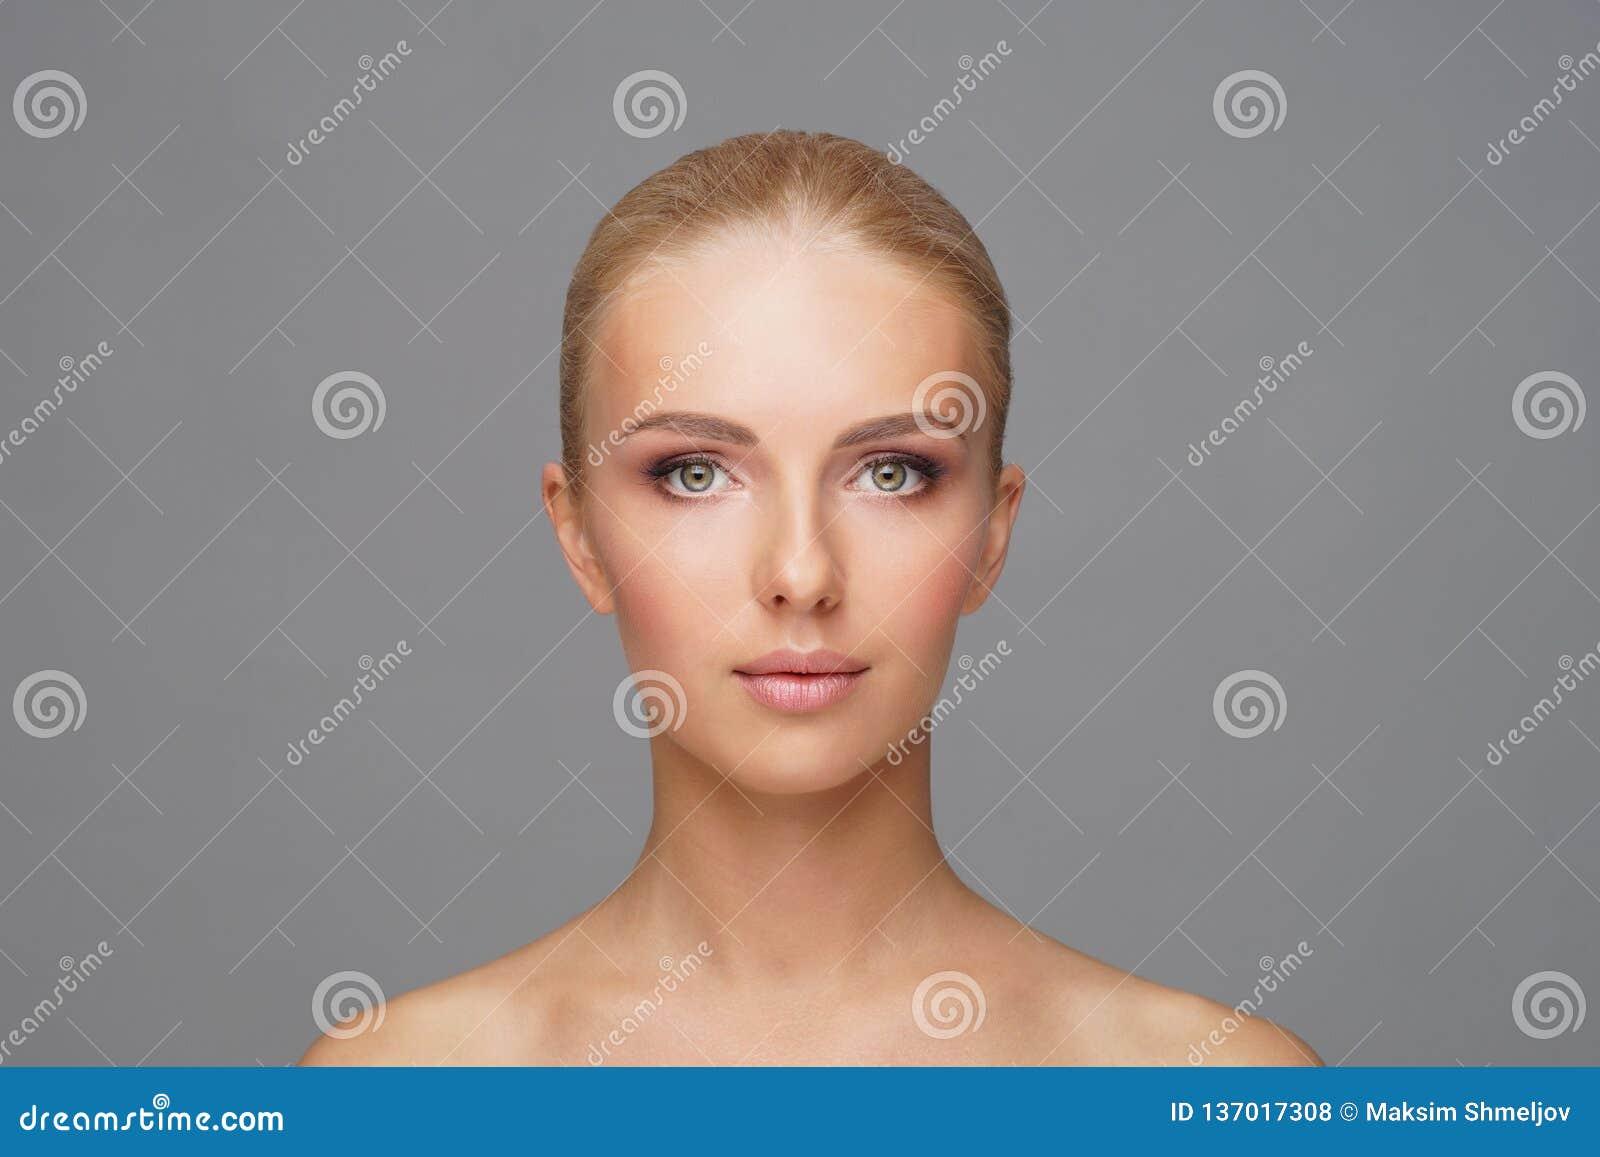 Όμορφο πρόσωπο του νέου και υγιούς κοριτσιού Φροντίδα δέρματος, καλλυντικά και έννοια ανύψωσης προσώπου